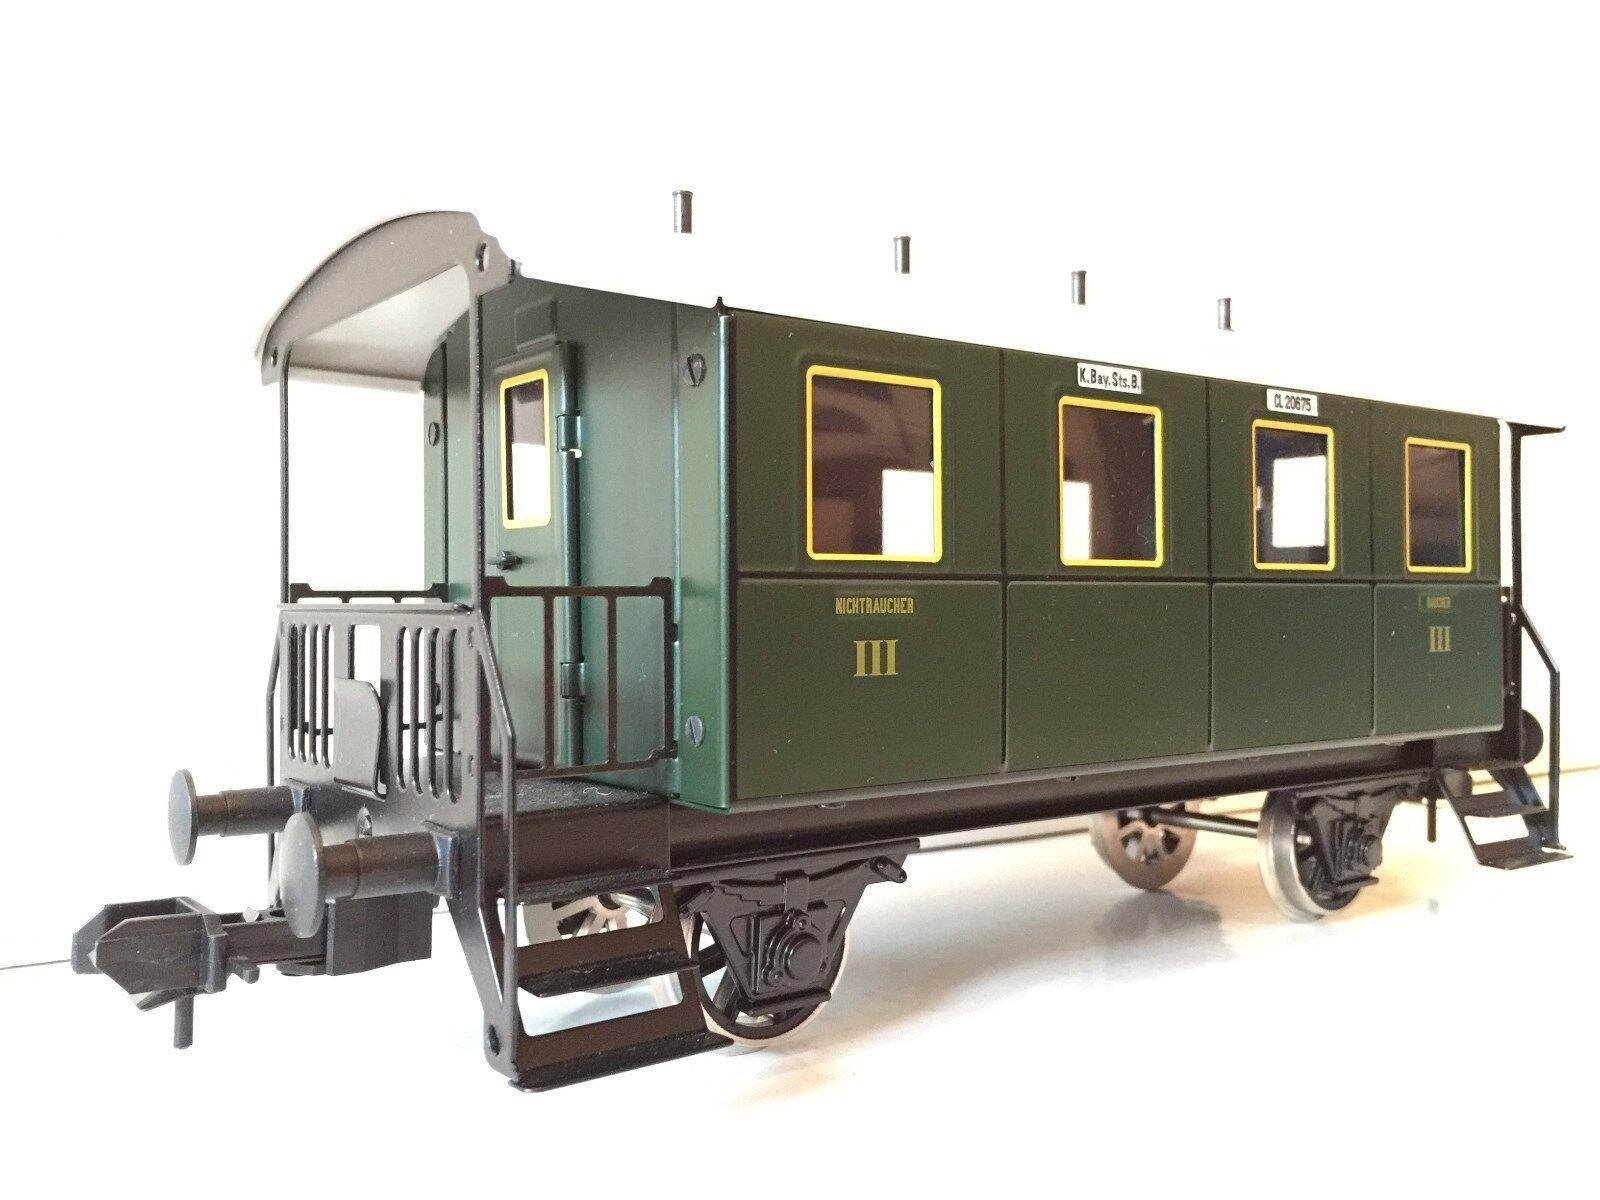 marklin 1 gauge passenger auto local train auto 3. classe nuovo Condition